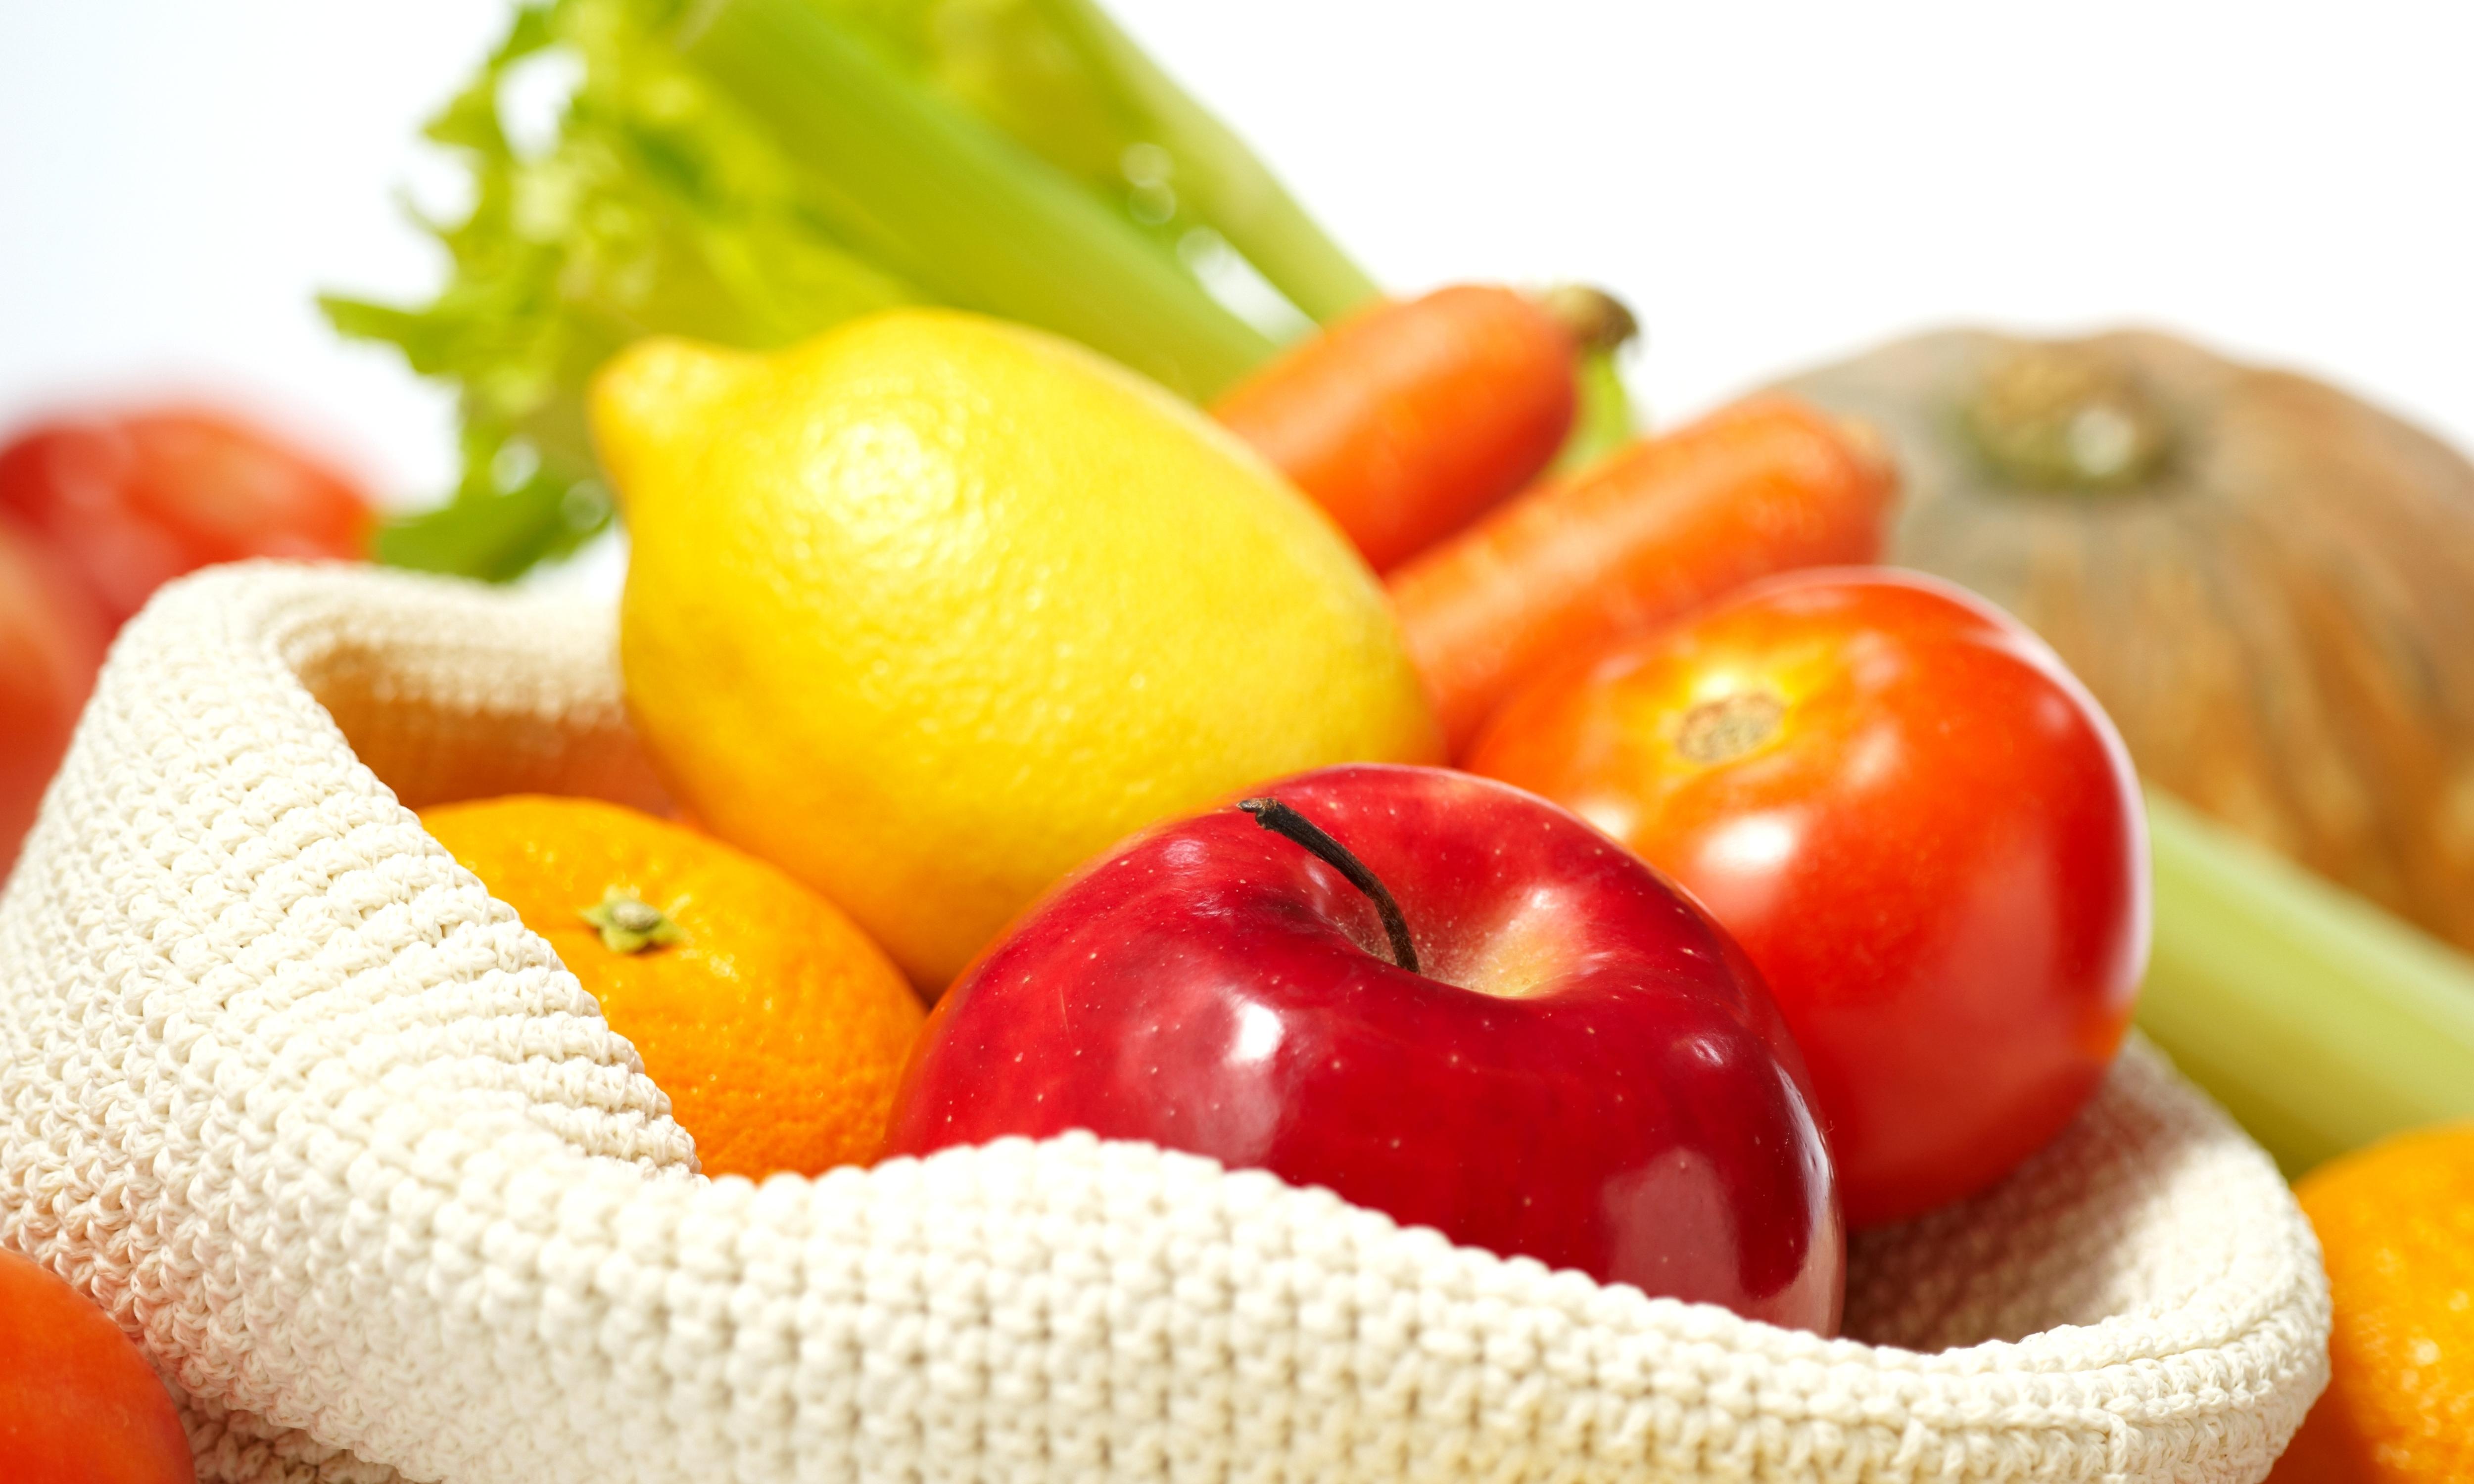 Лимон Яблоко Диета. Самая эффективная лимонная диета - теряем 5 кг за одну неделю